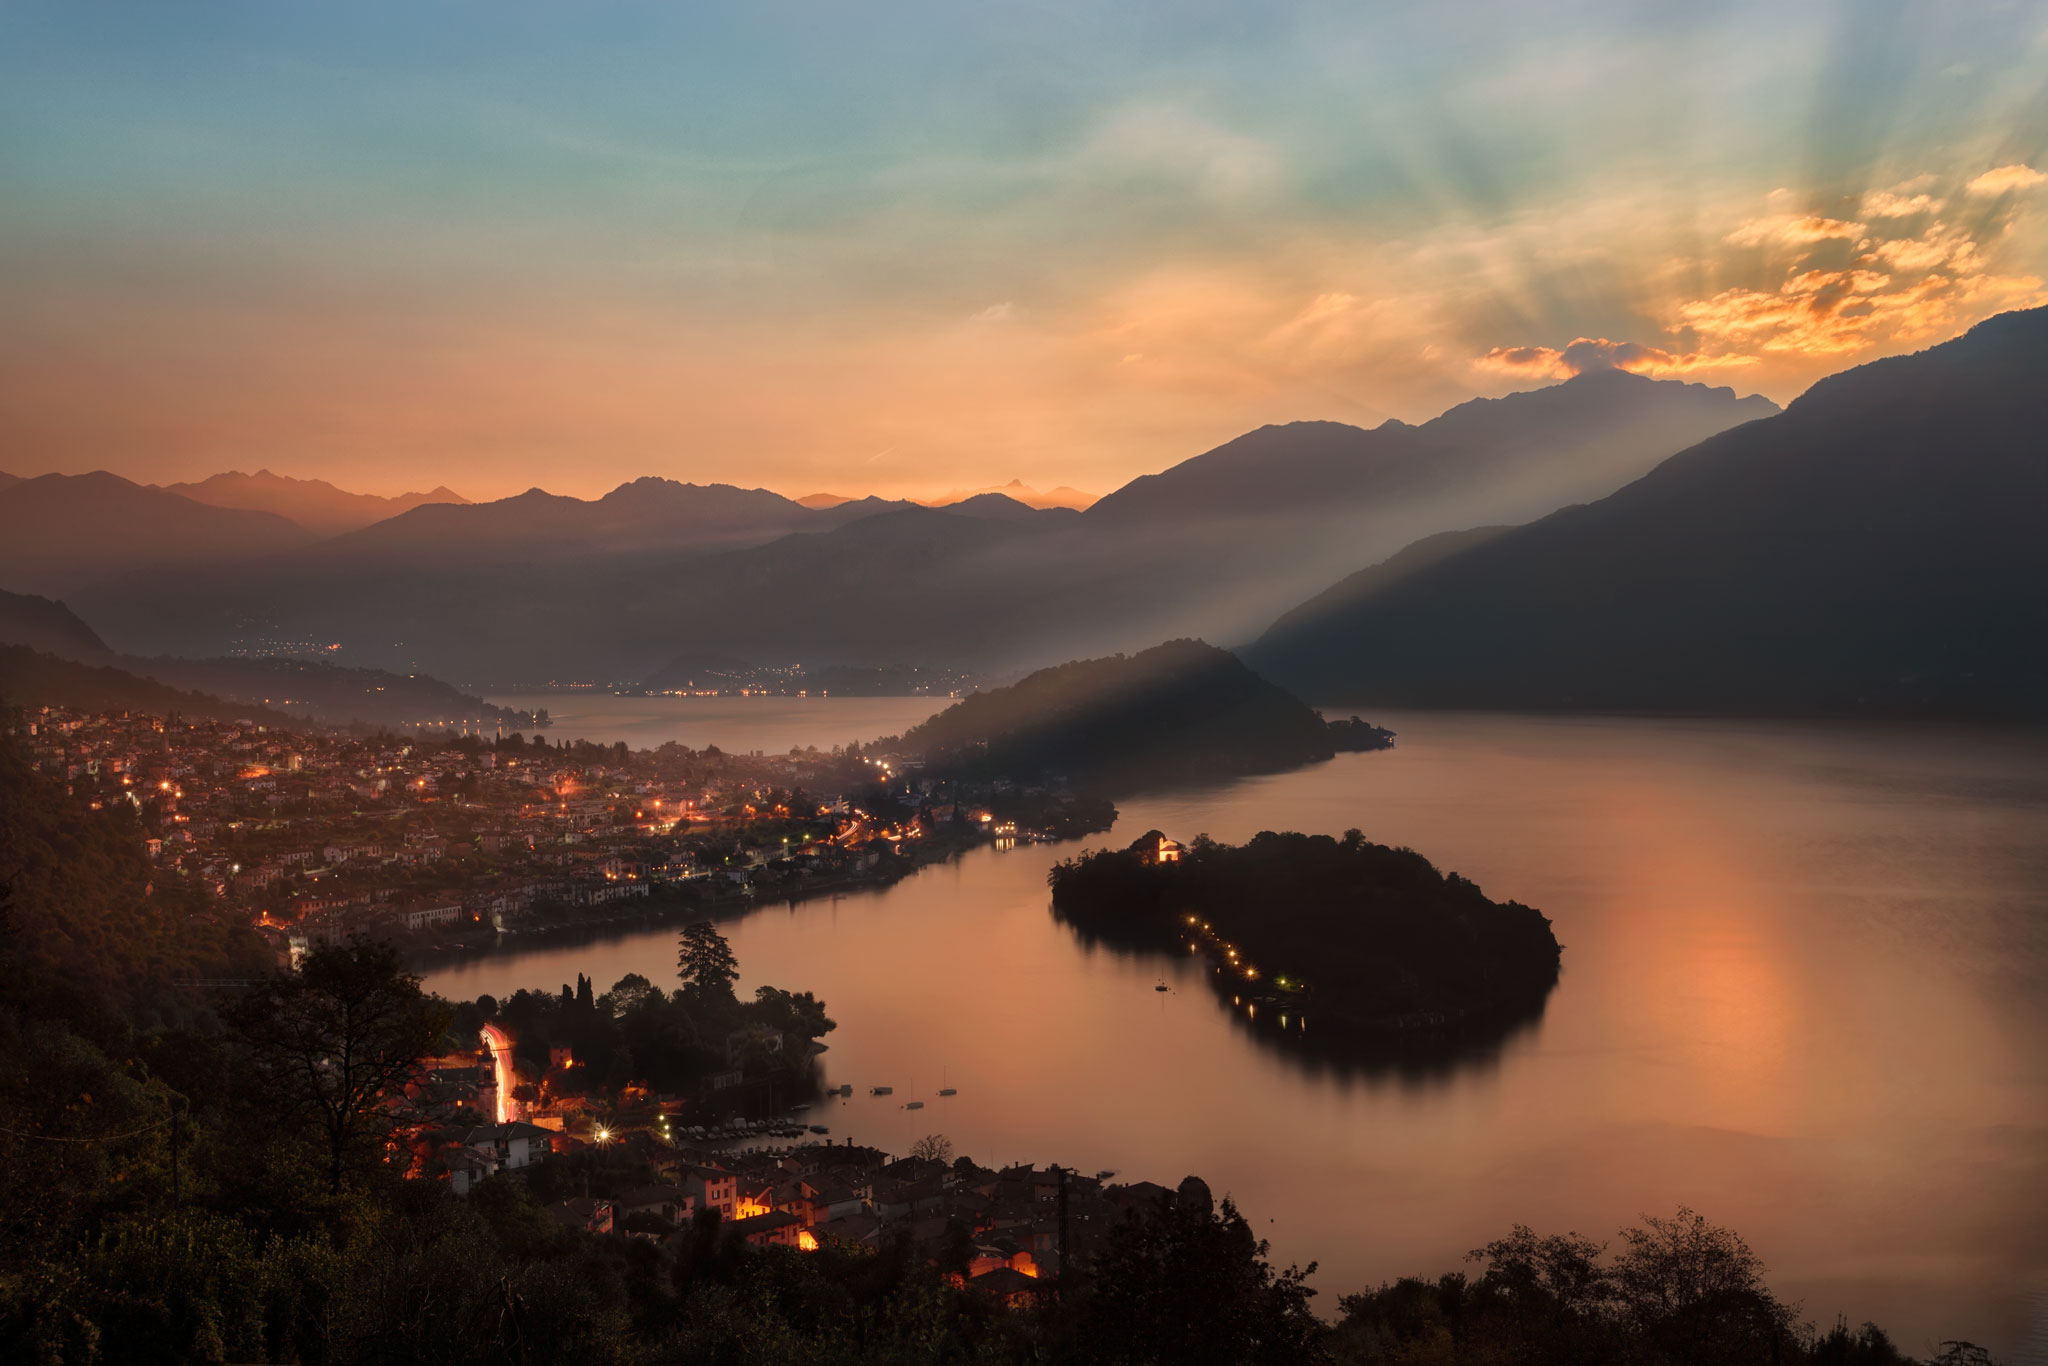 Wake up autumn - Lake Como, Italy